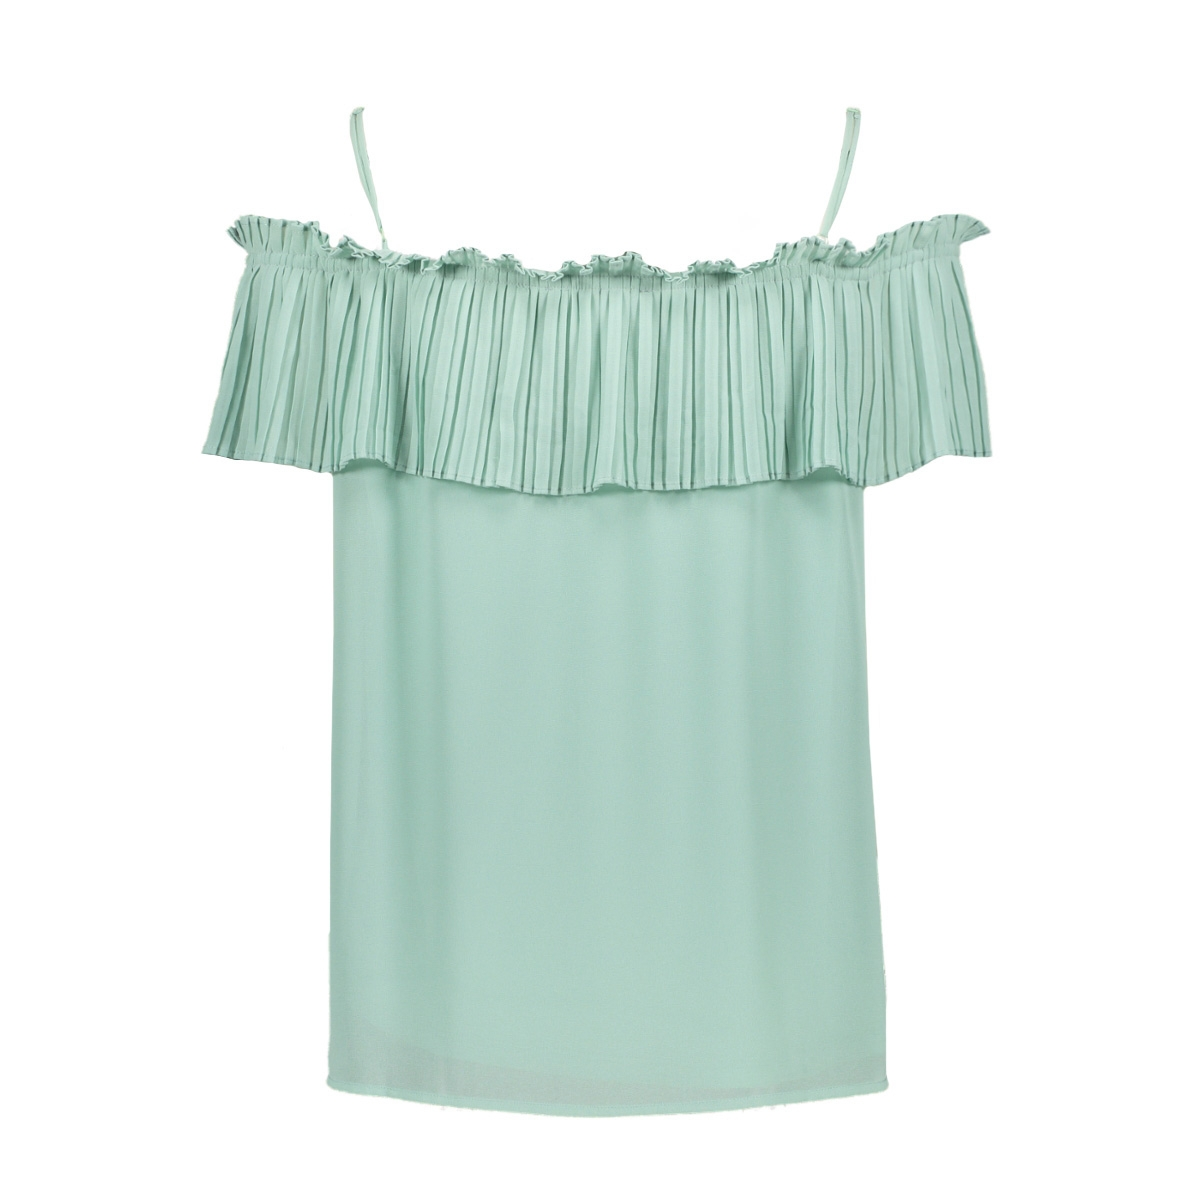 Groen Shirt 2715 Shoulder Off E90001 Perfect Mint l1JTcKF3u